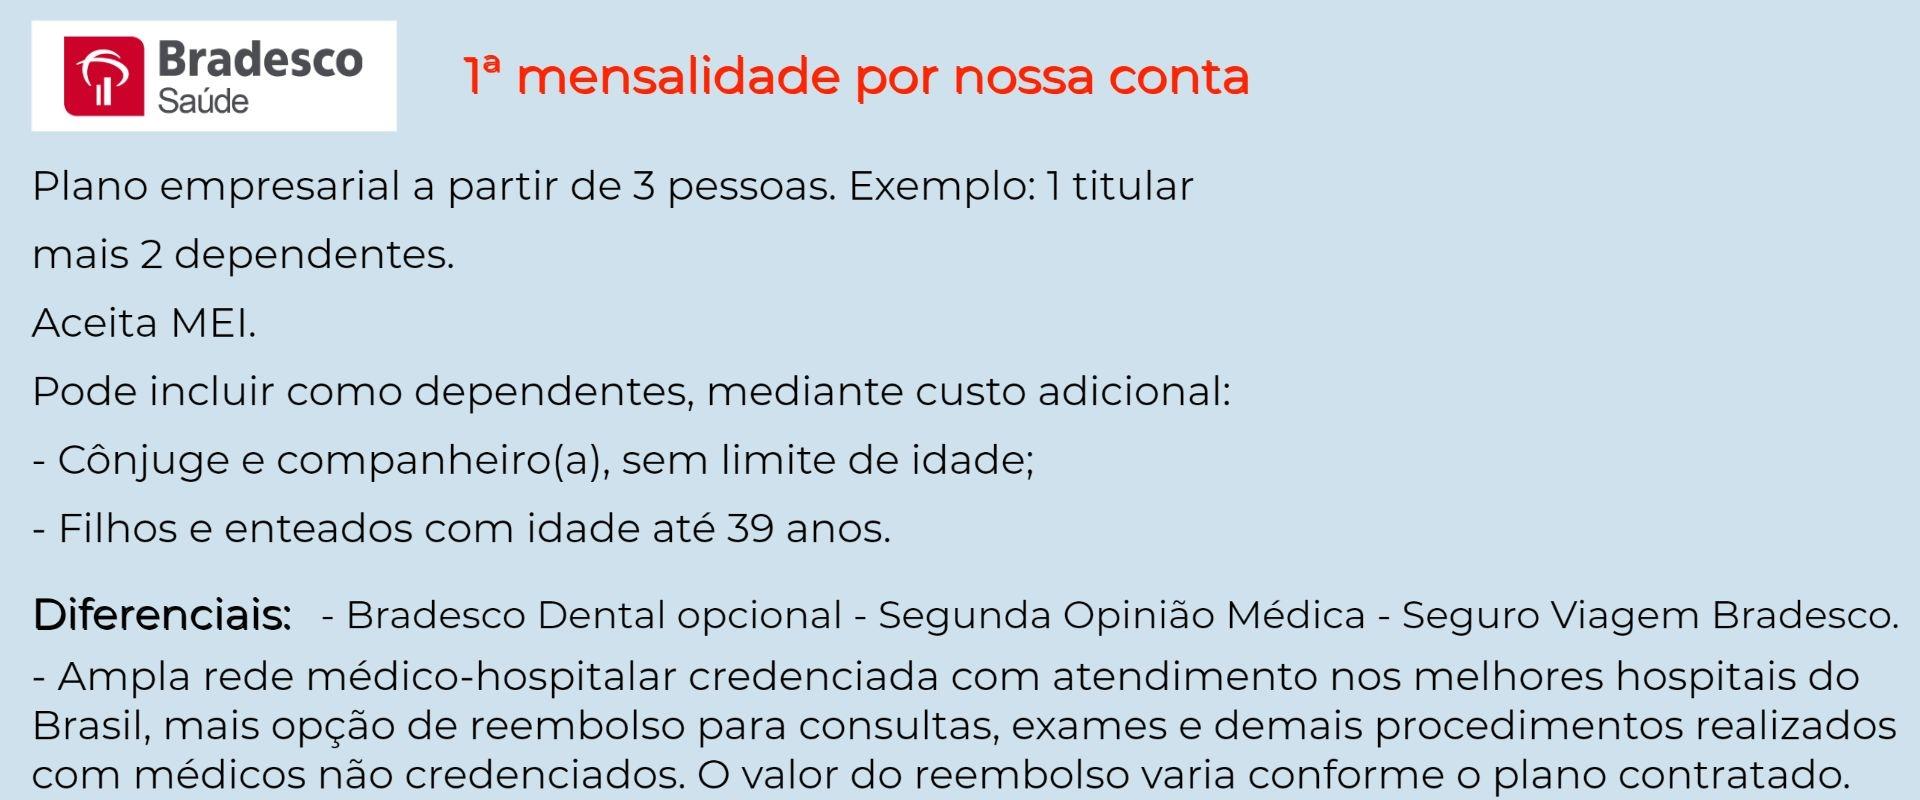 Bradesco Saúde Empresarial - Louveira